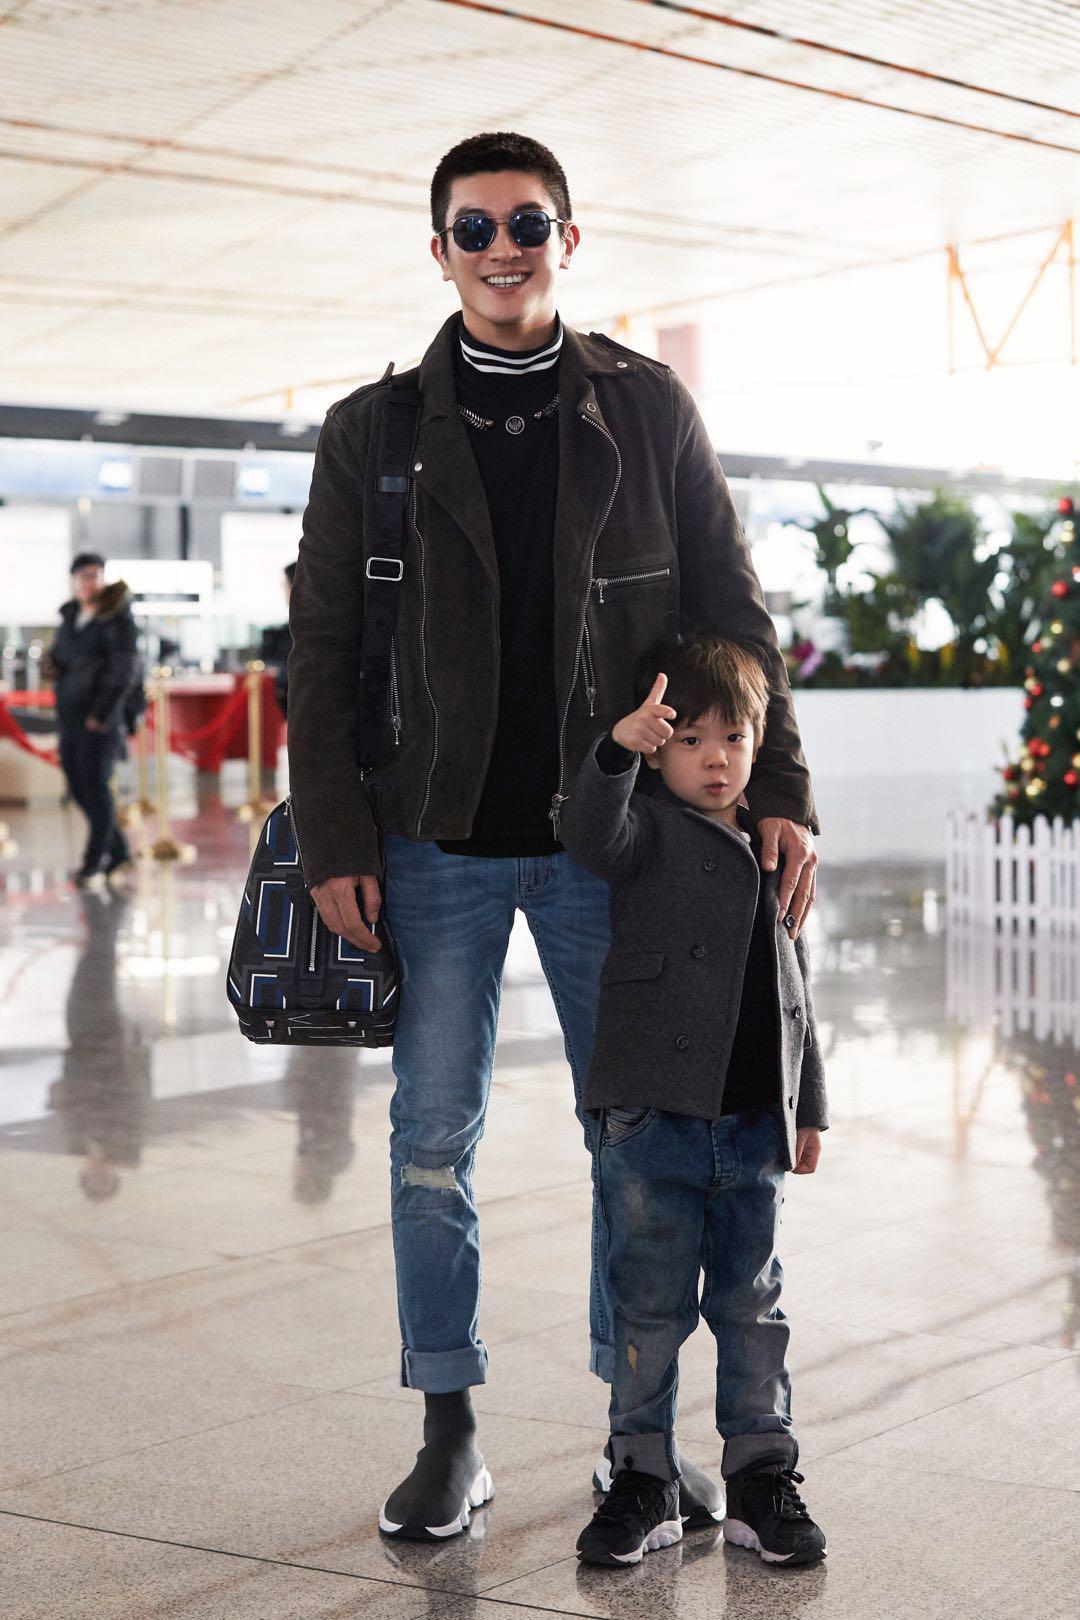 杜江嗯哼现身机场 穿搭亮眼被赞时髦父子